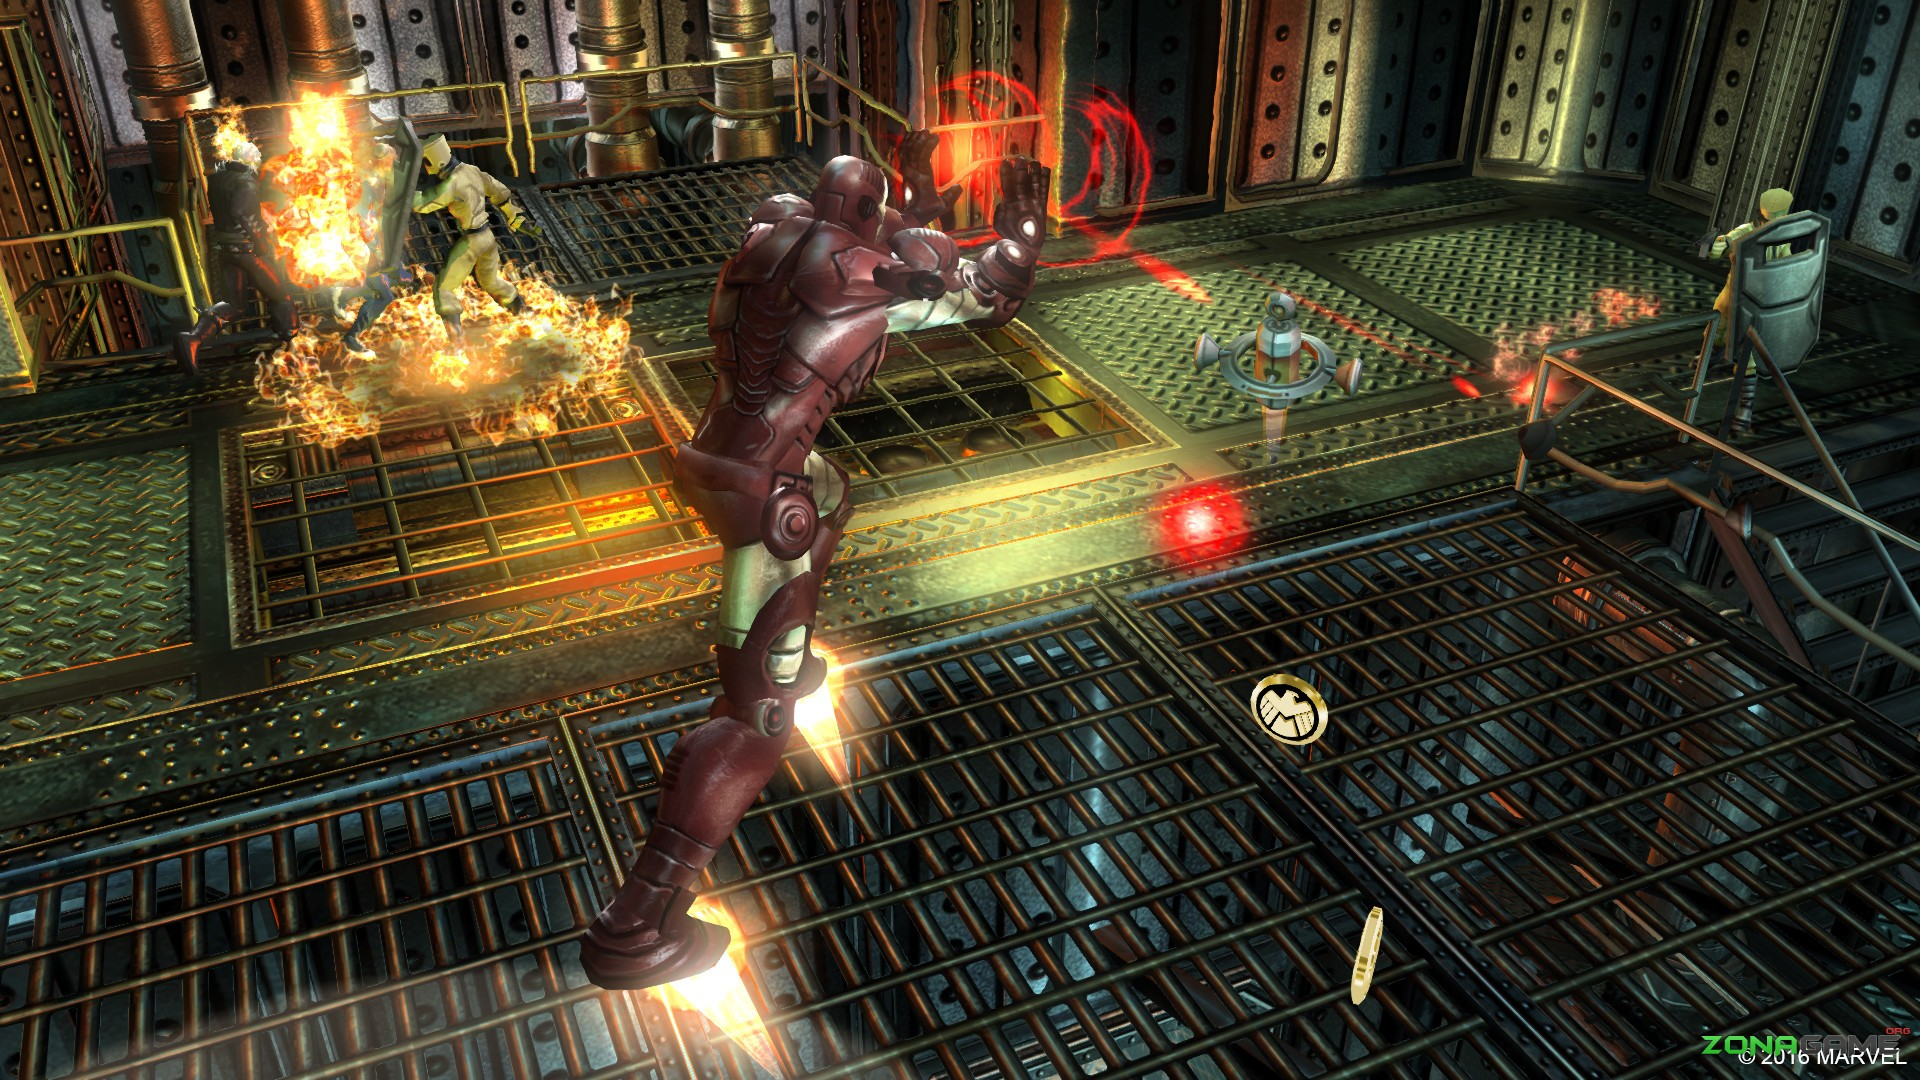 скачать игру super heroes через торрент